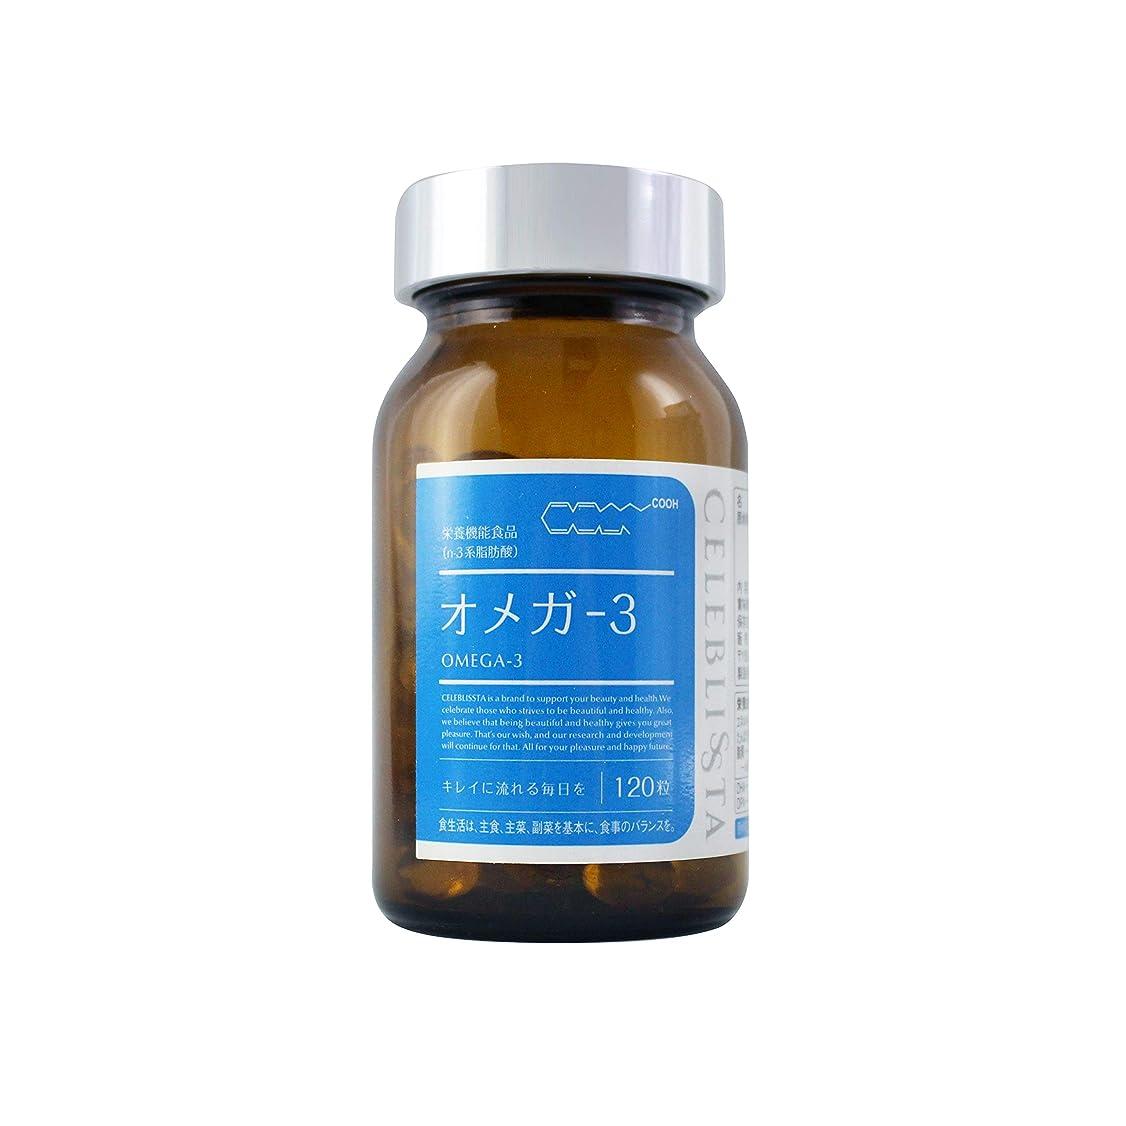 鉄道駅壁コーチCELEBLISSTA ( セレブリスタ ) オメガ-3 ( 基礎サプリ フィッシュオイル / 30日分 120粒 ) DPA DHA EPA サプリメント ( 日本製 )